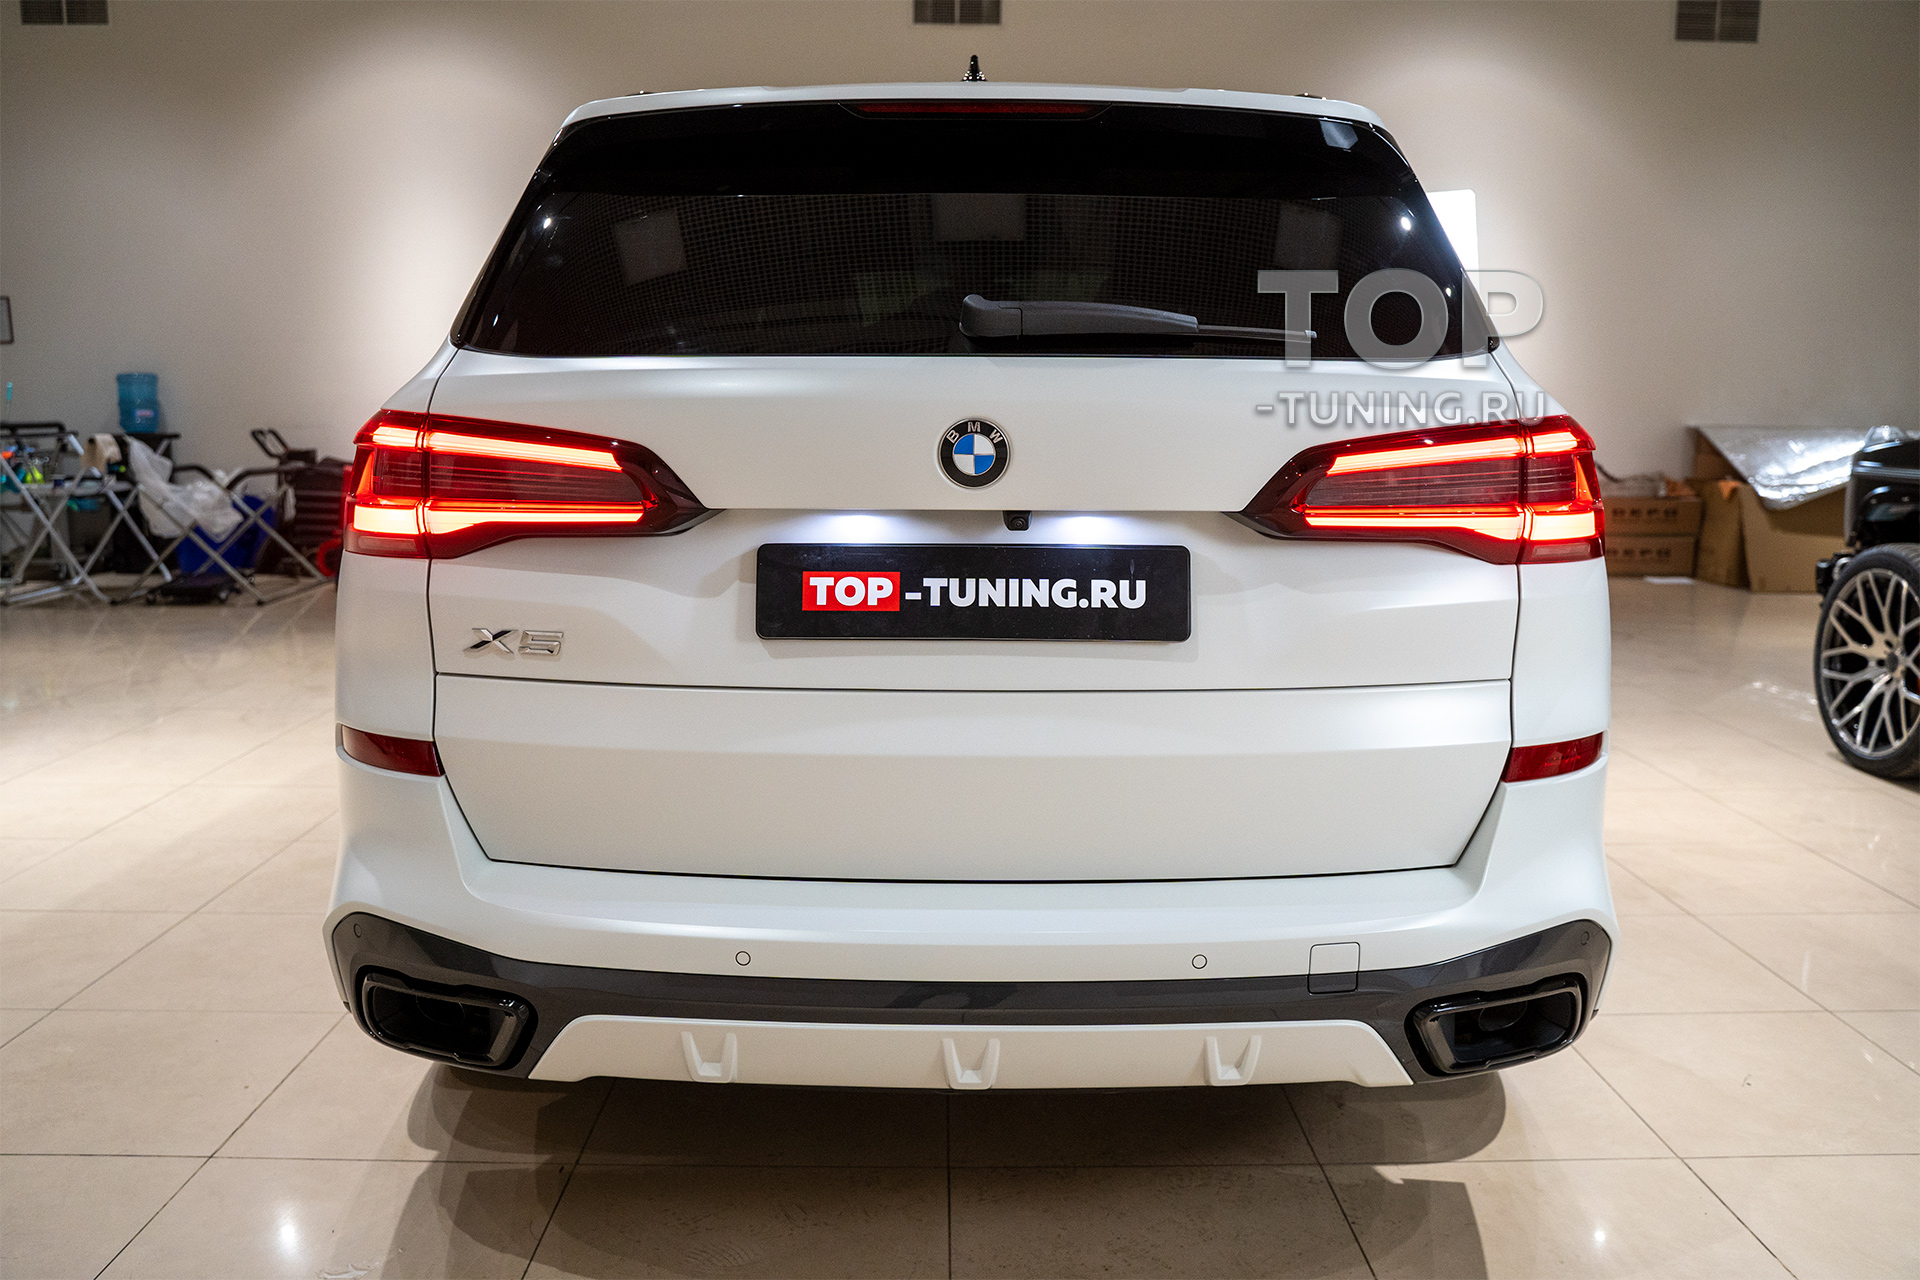 103861 Оклейка кузова BMW X5 матовой бронирующей пленкой